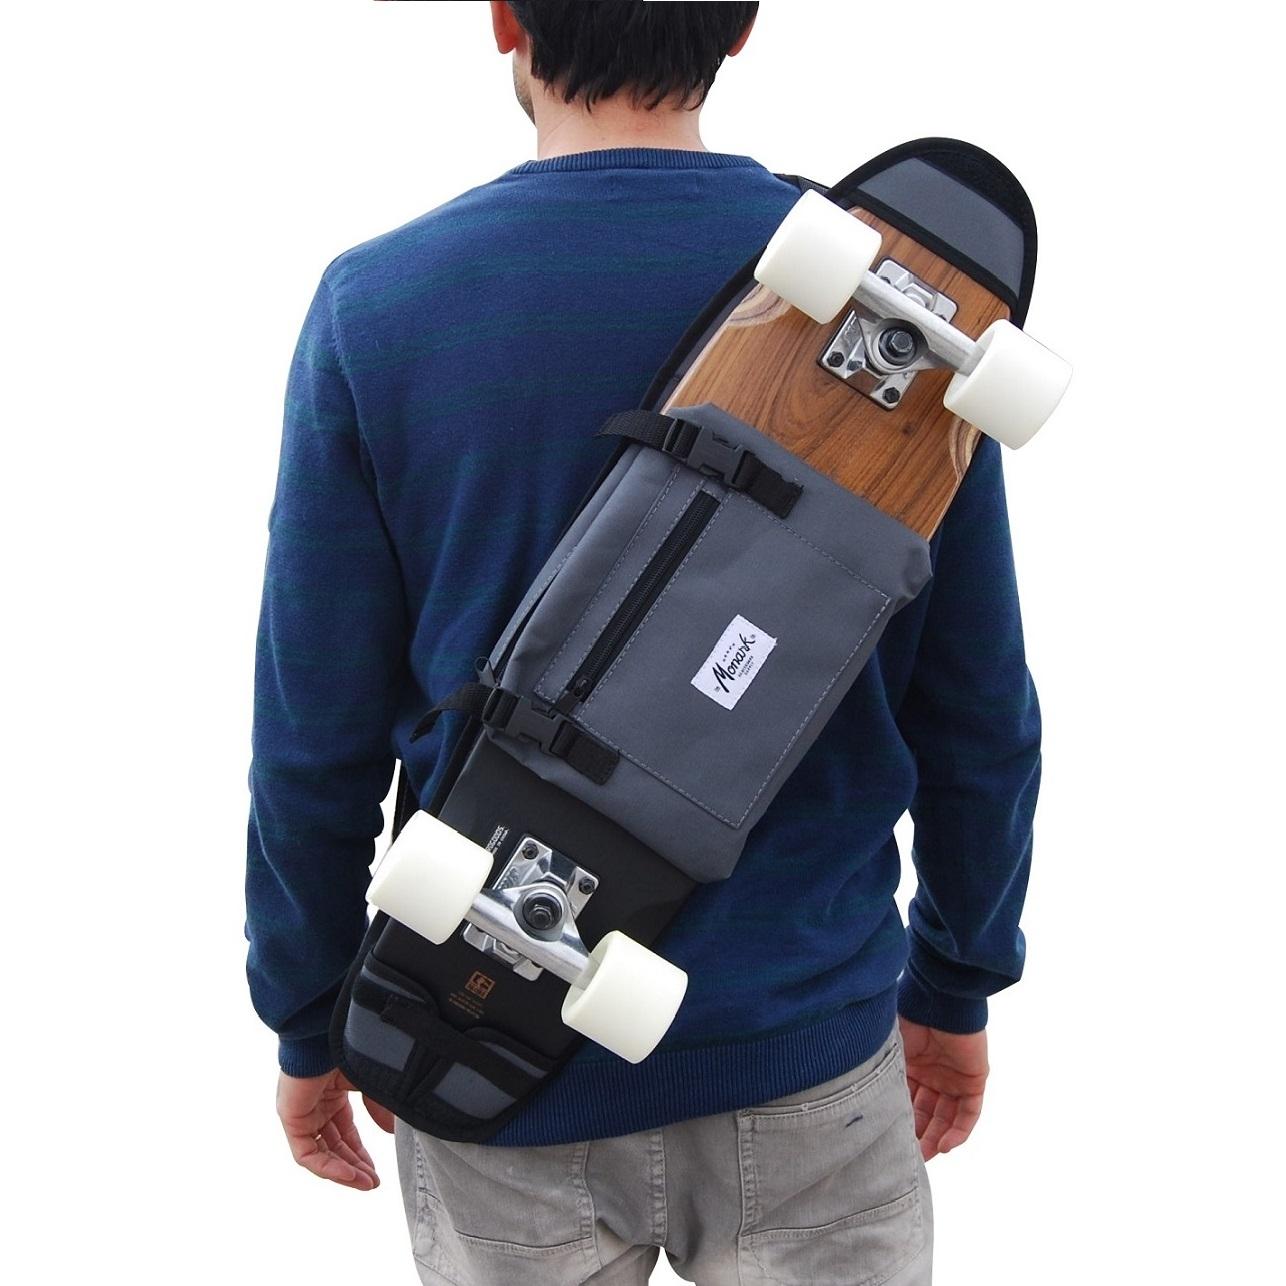 sac dos skate cruiser 26 et 27 gris skate home skateboard furniture design. Black Bedroom Furniture Sets. Home Design Ideas